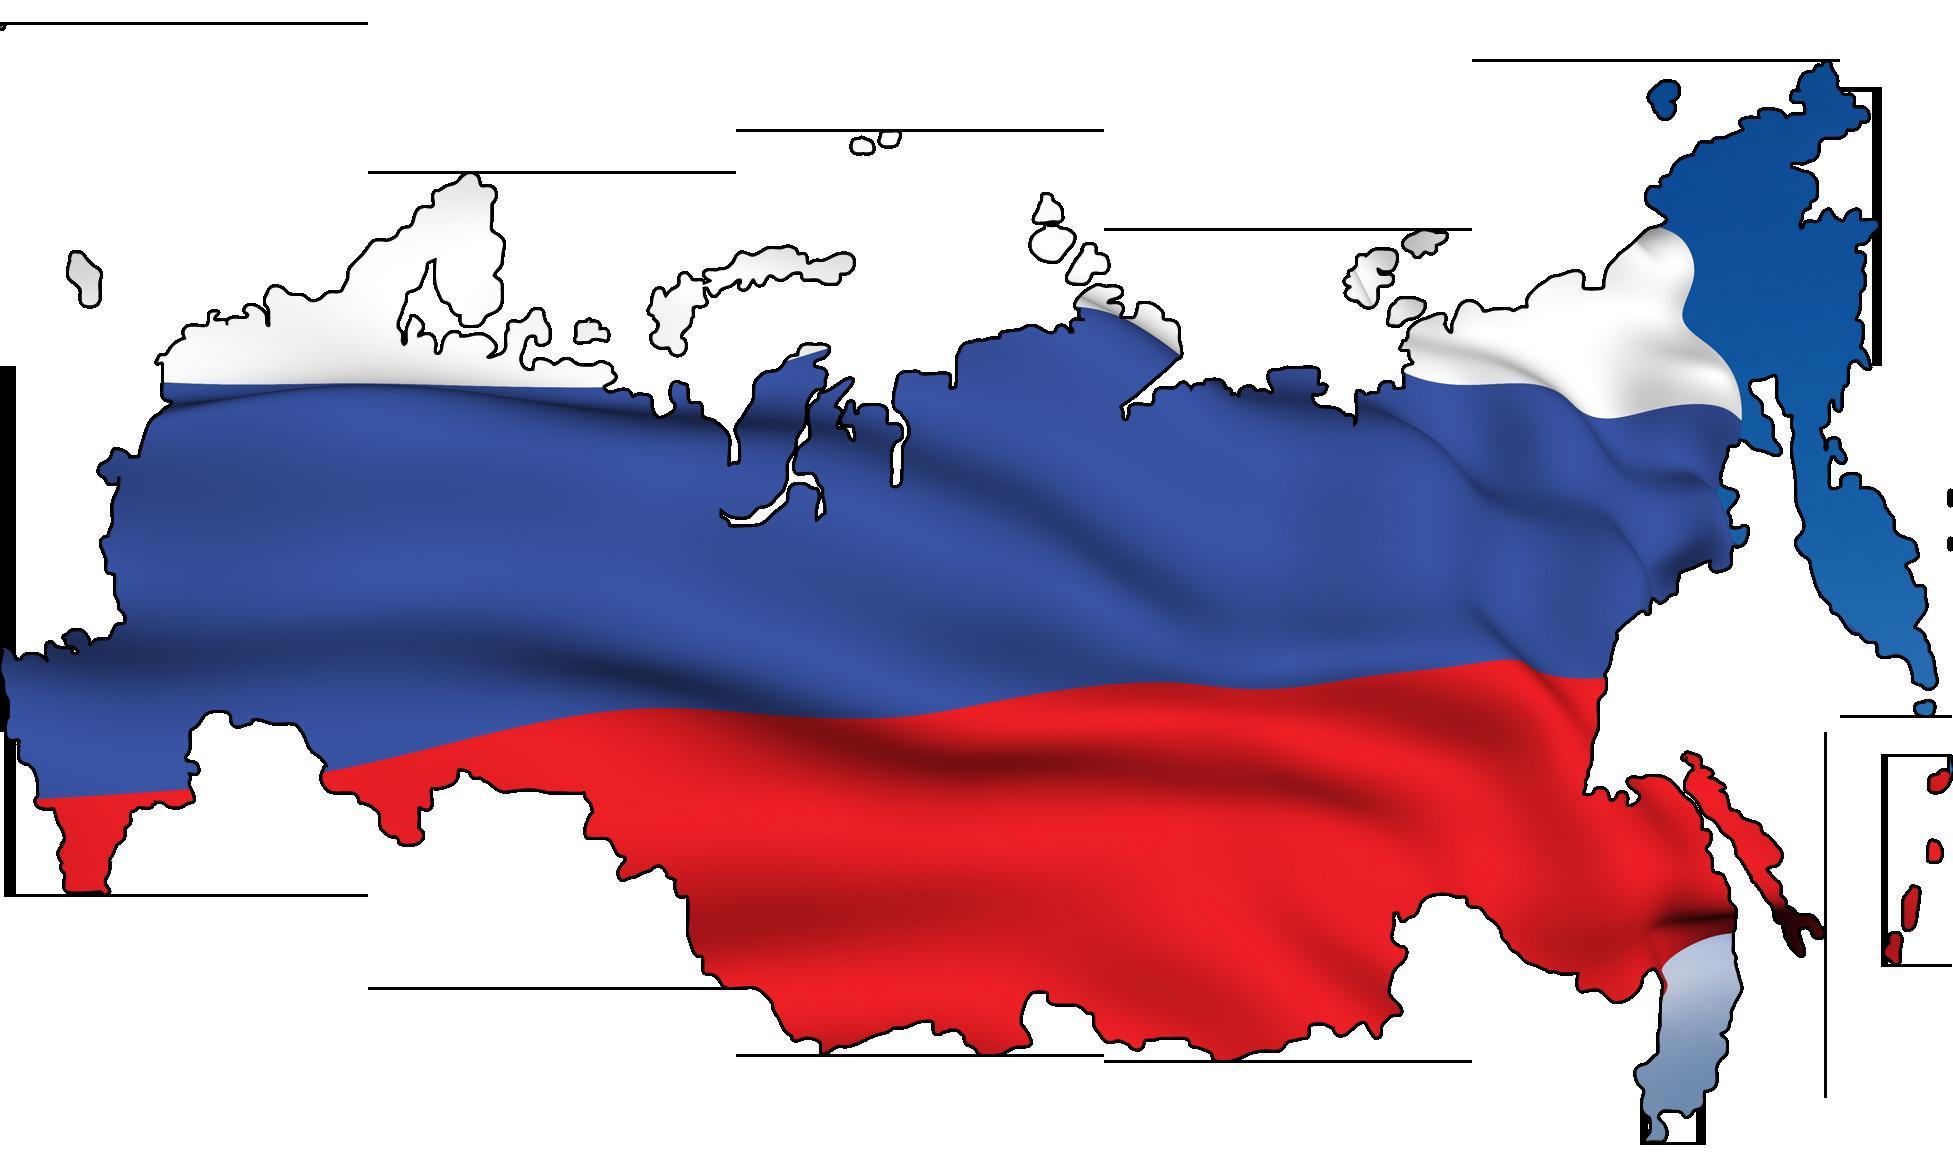 территория российской федерации устройство, предназначенное для